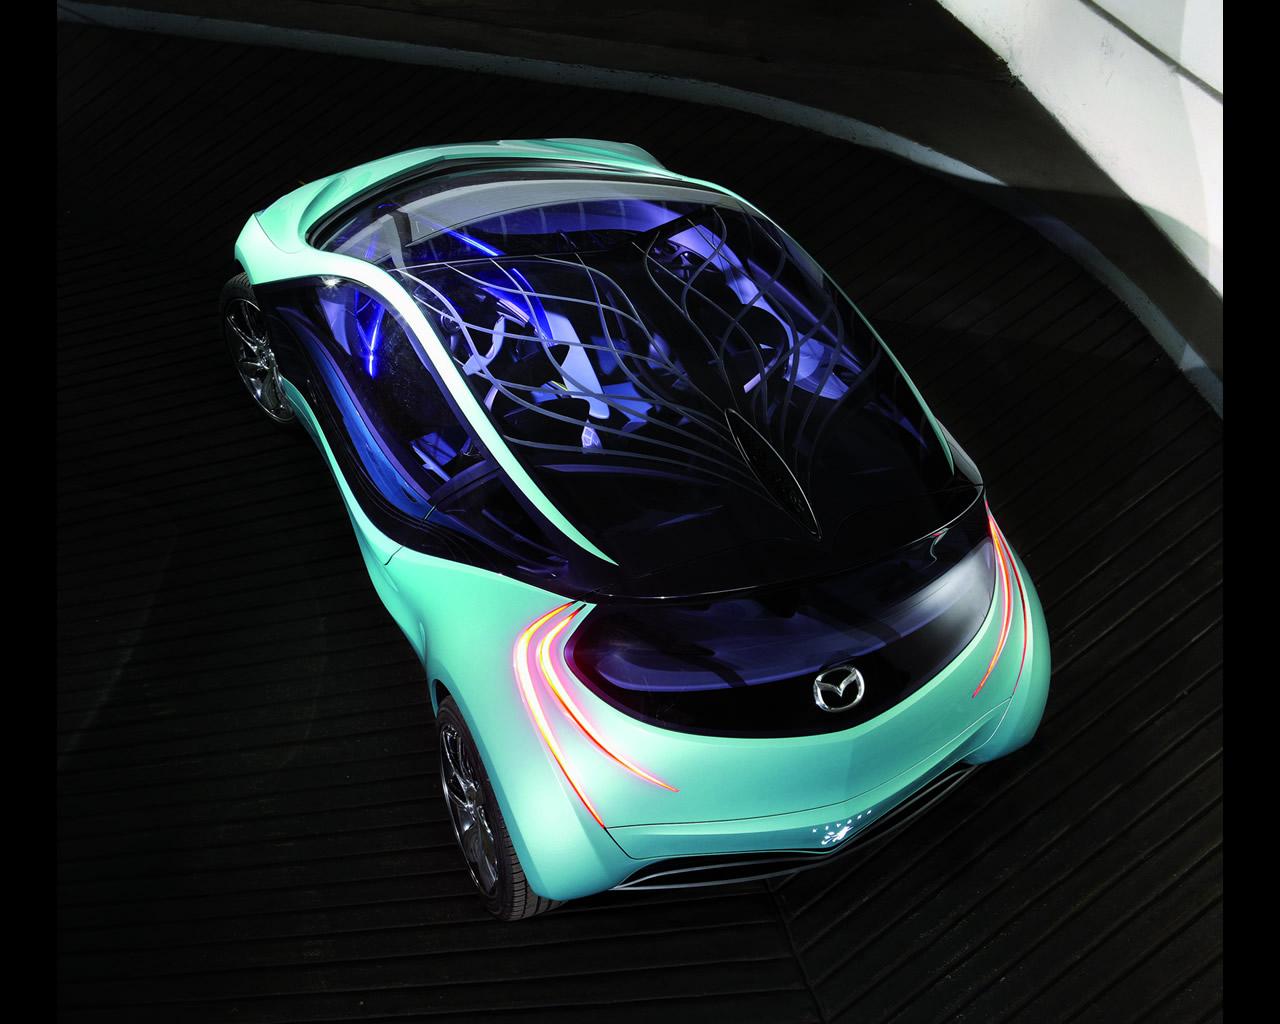 http://autoconcept-reviews.com/cars_reviews/mazda/mazda-kiyora-concept-2008/wallpaper/Mazda_Kiyora_action4.jpg